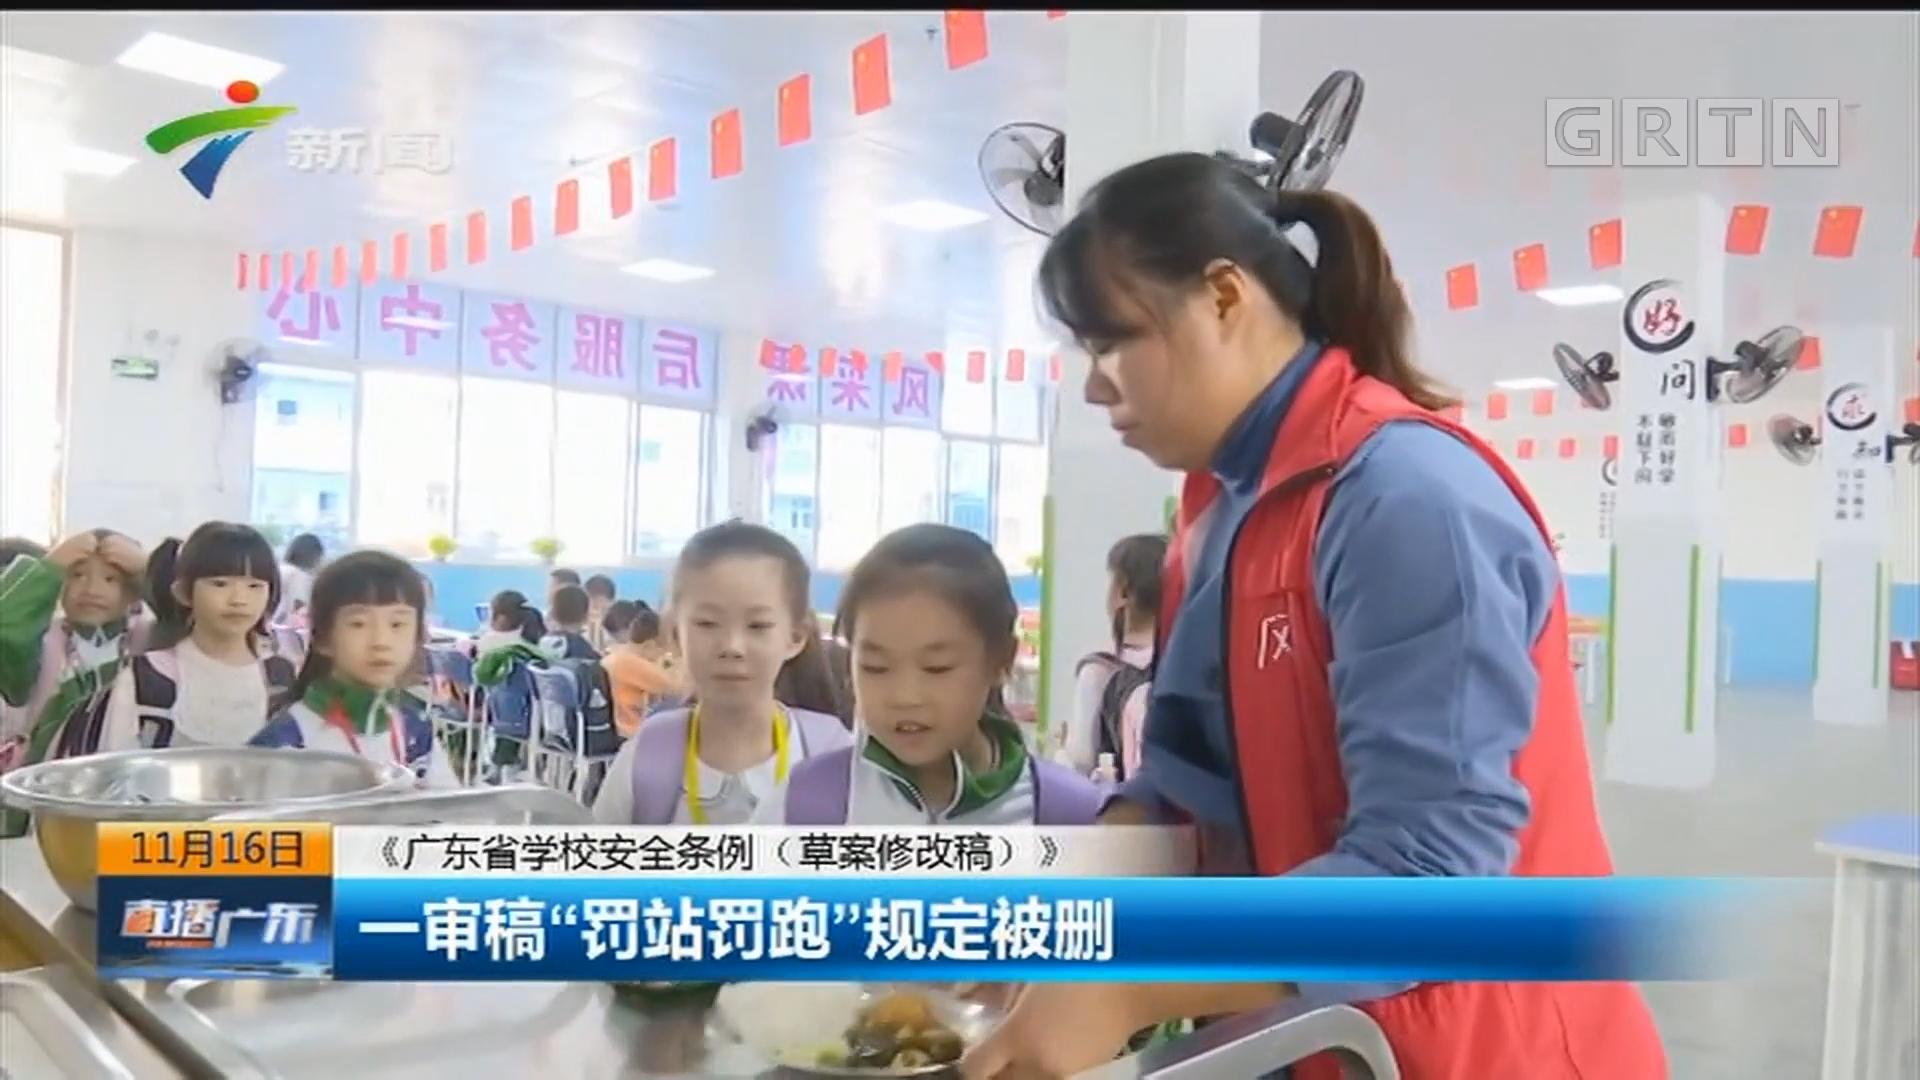 """《广东省学校安全条例(草案修改稿)》 一审稿""""罚站罚跑""""规定被删"""